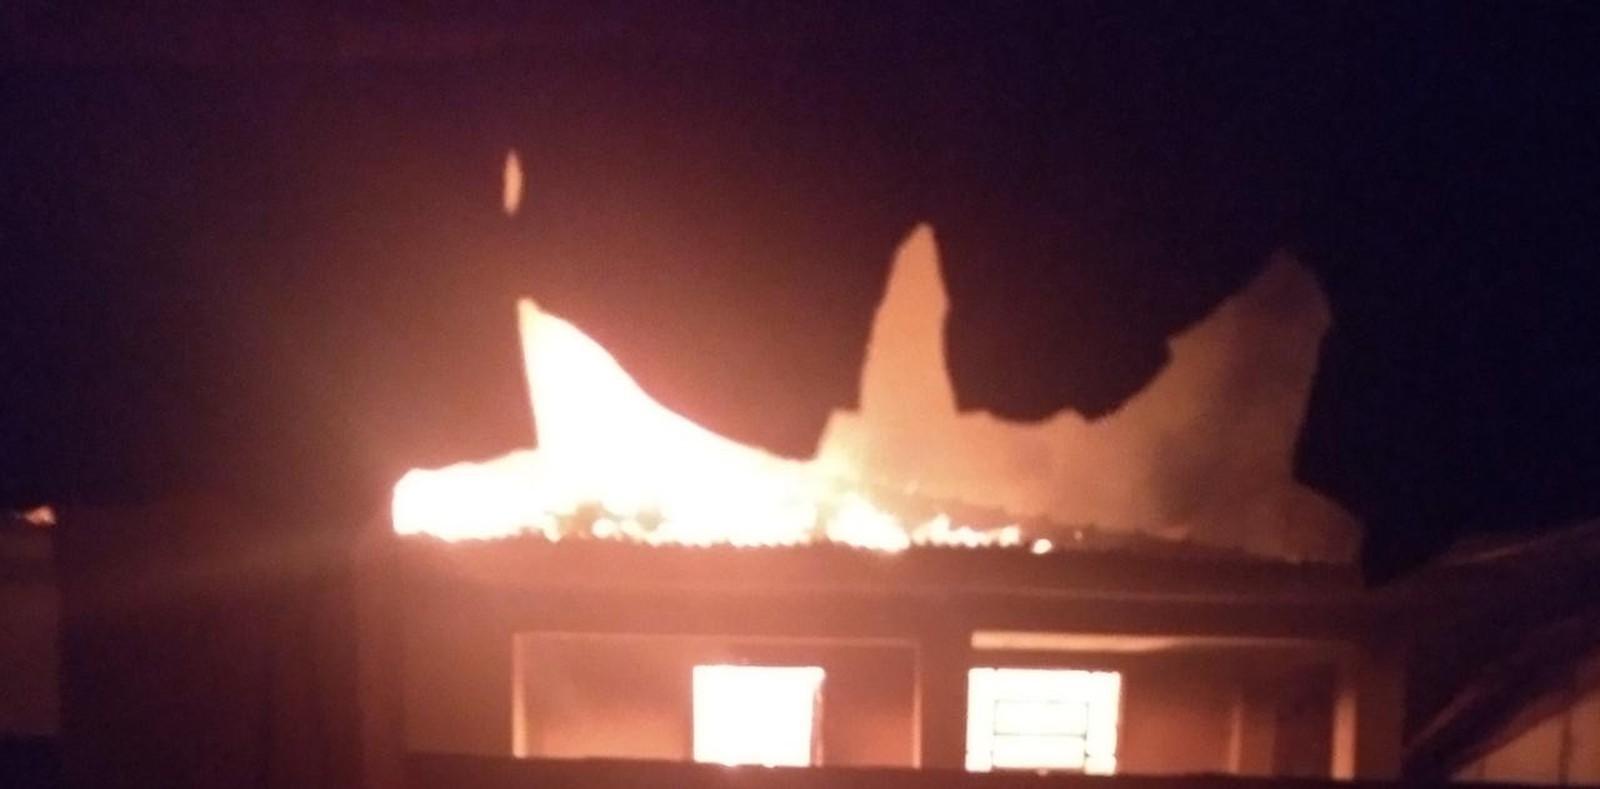 Mulher é suspeita de incendiar casa do namorado após discussão em Borborema — Foto: Arquivo pessoal